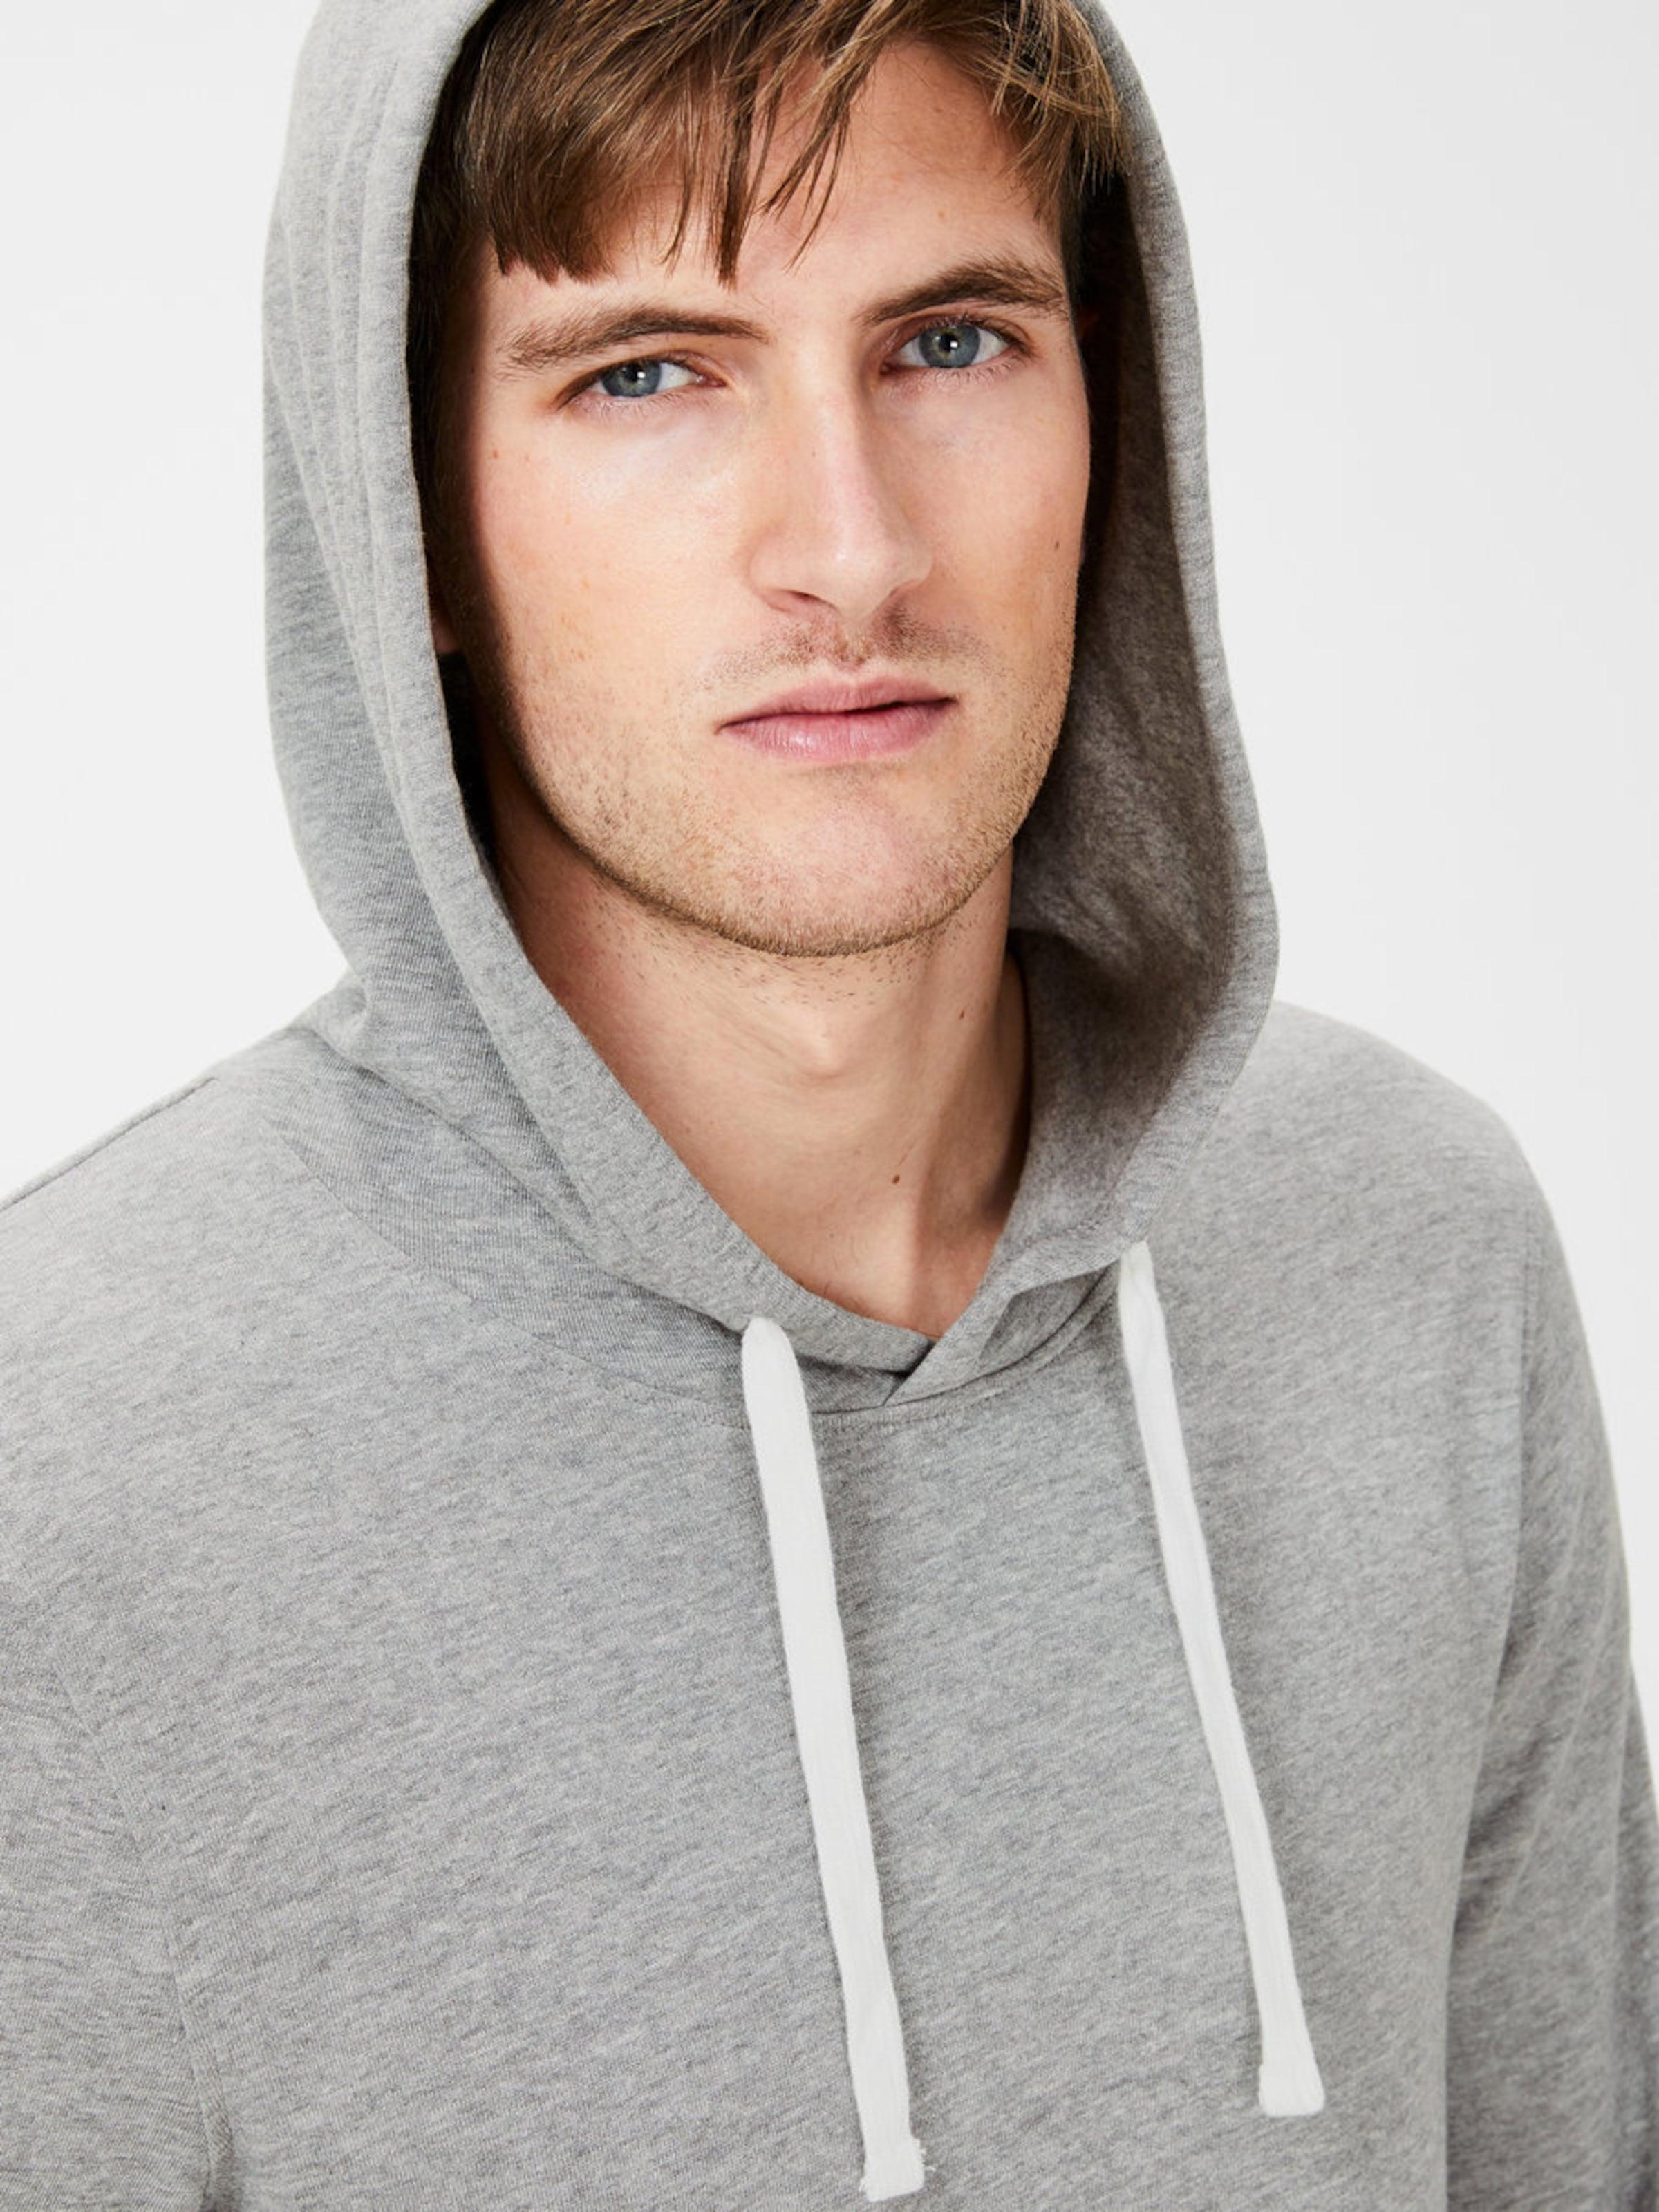 Produkt Sweatshirt Klassisches Spielraum Wirklich Freies Verschiffen Empfehlen 3uxmjicw